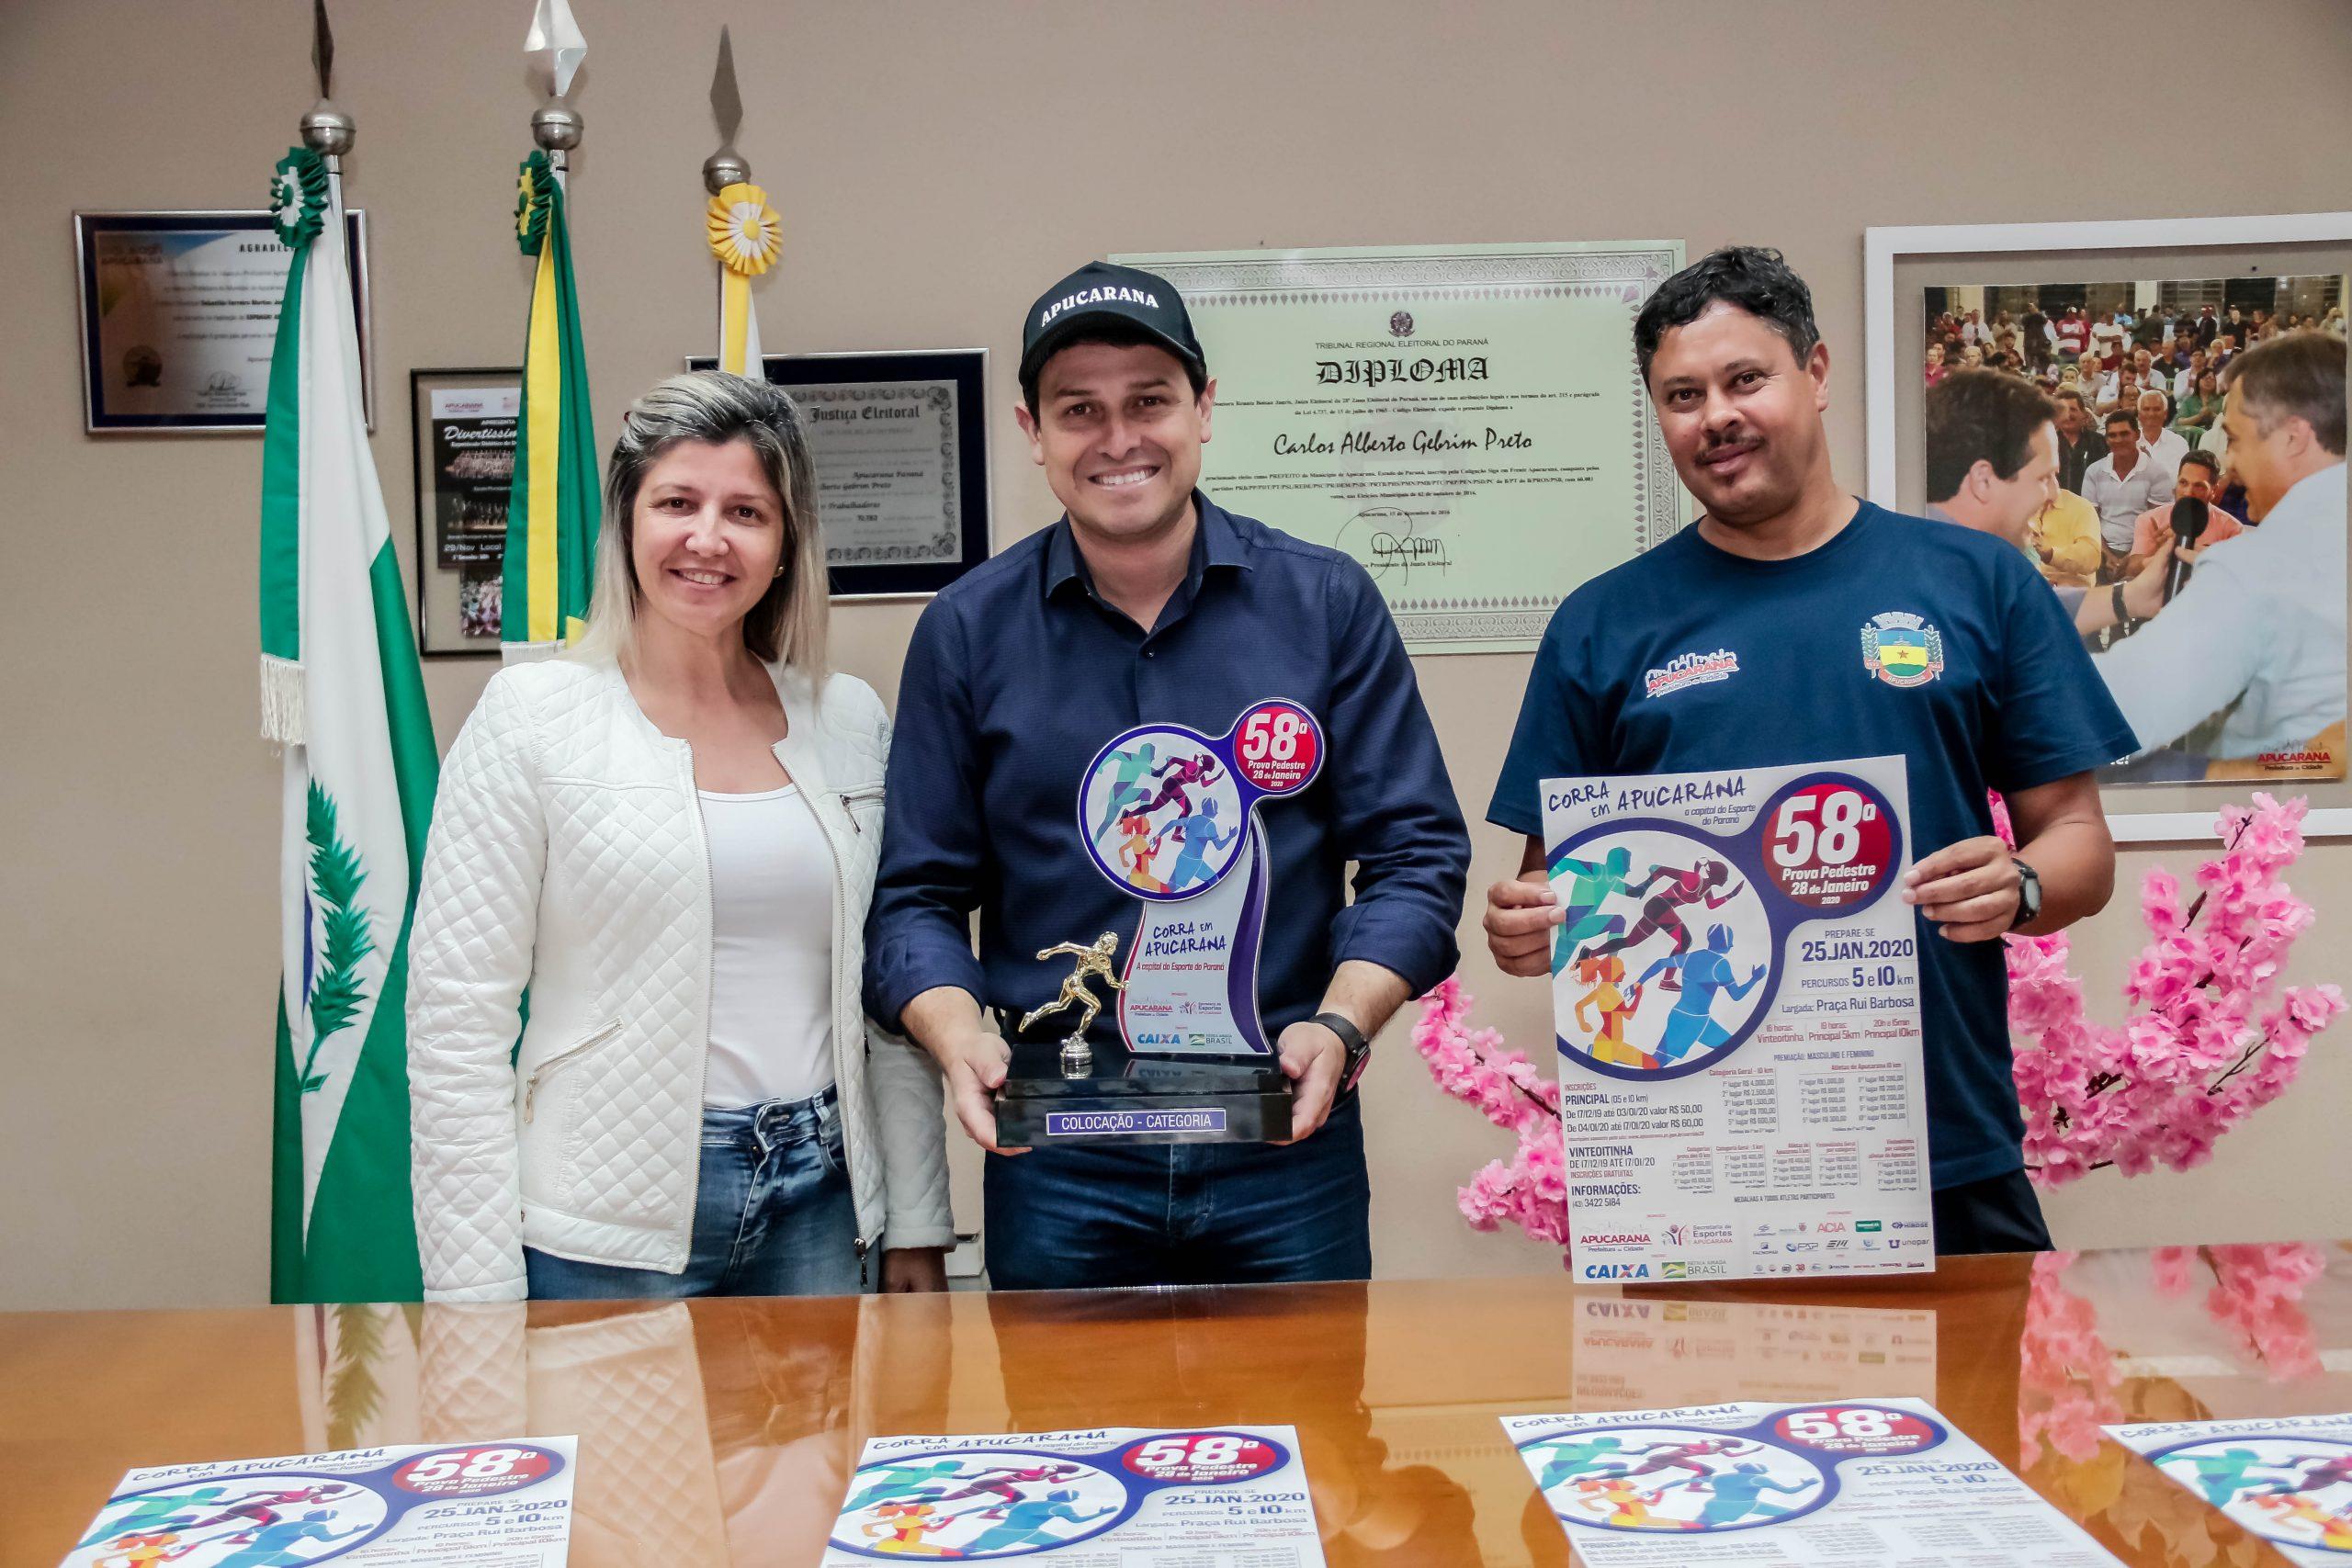 """Com o mote """"Corra em Apucarana, a Capital do Esporte no Paraná"""", a 58ª edição da tradicional prova pedestre espera reúnir cerca de 3,5 mil atletas do Brasil e exterior"""